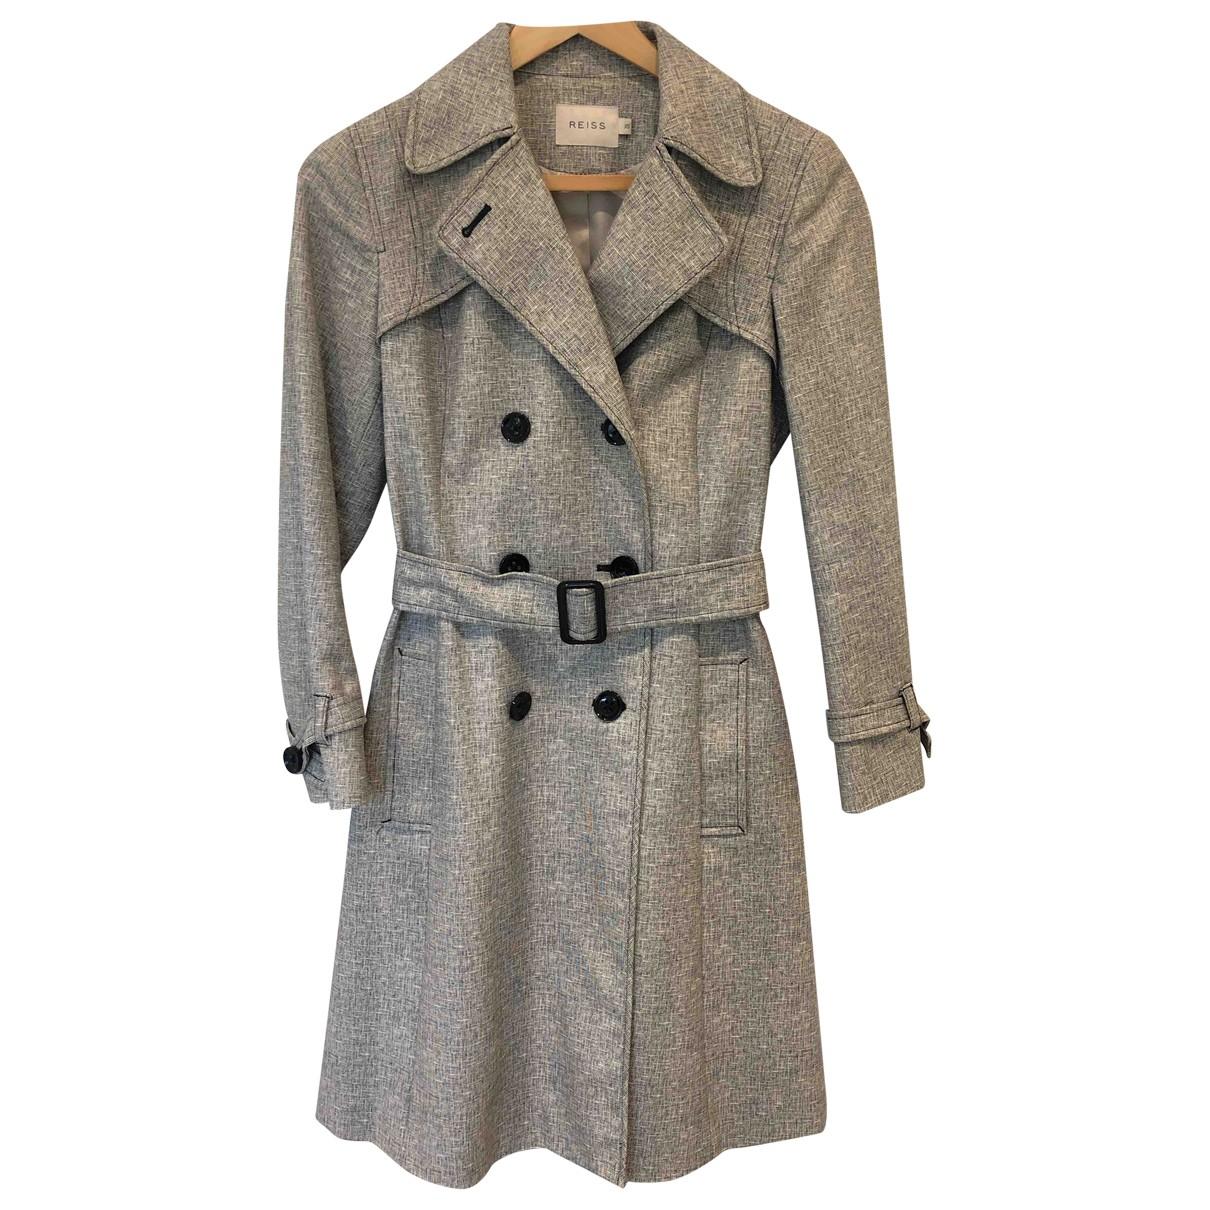 Reiss - Manteau   pour femme en coton - gris